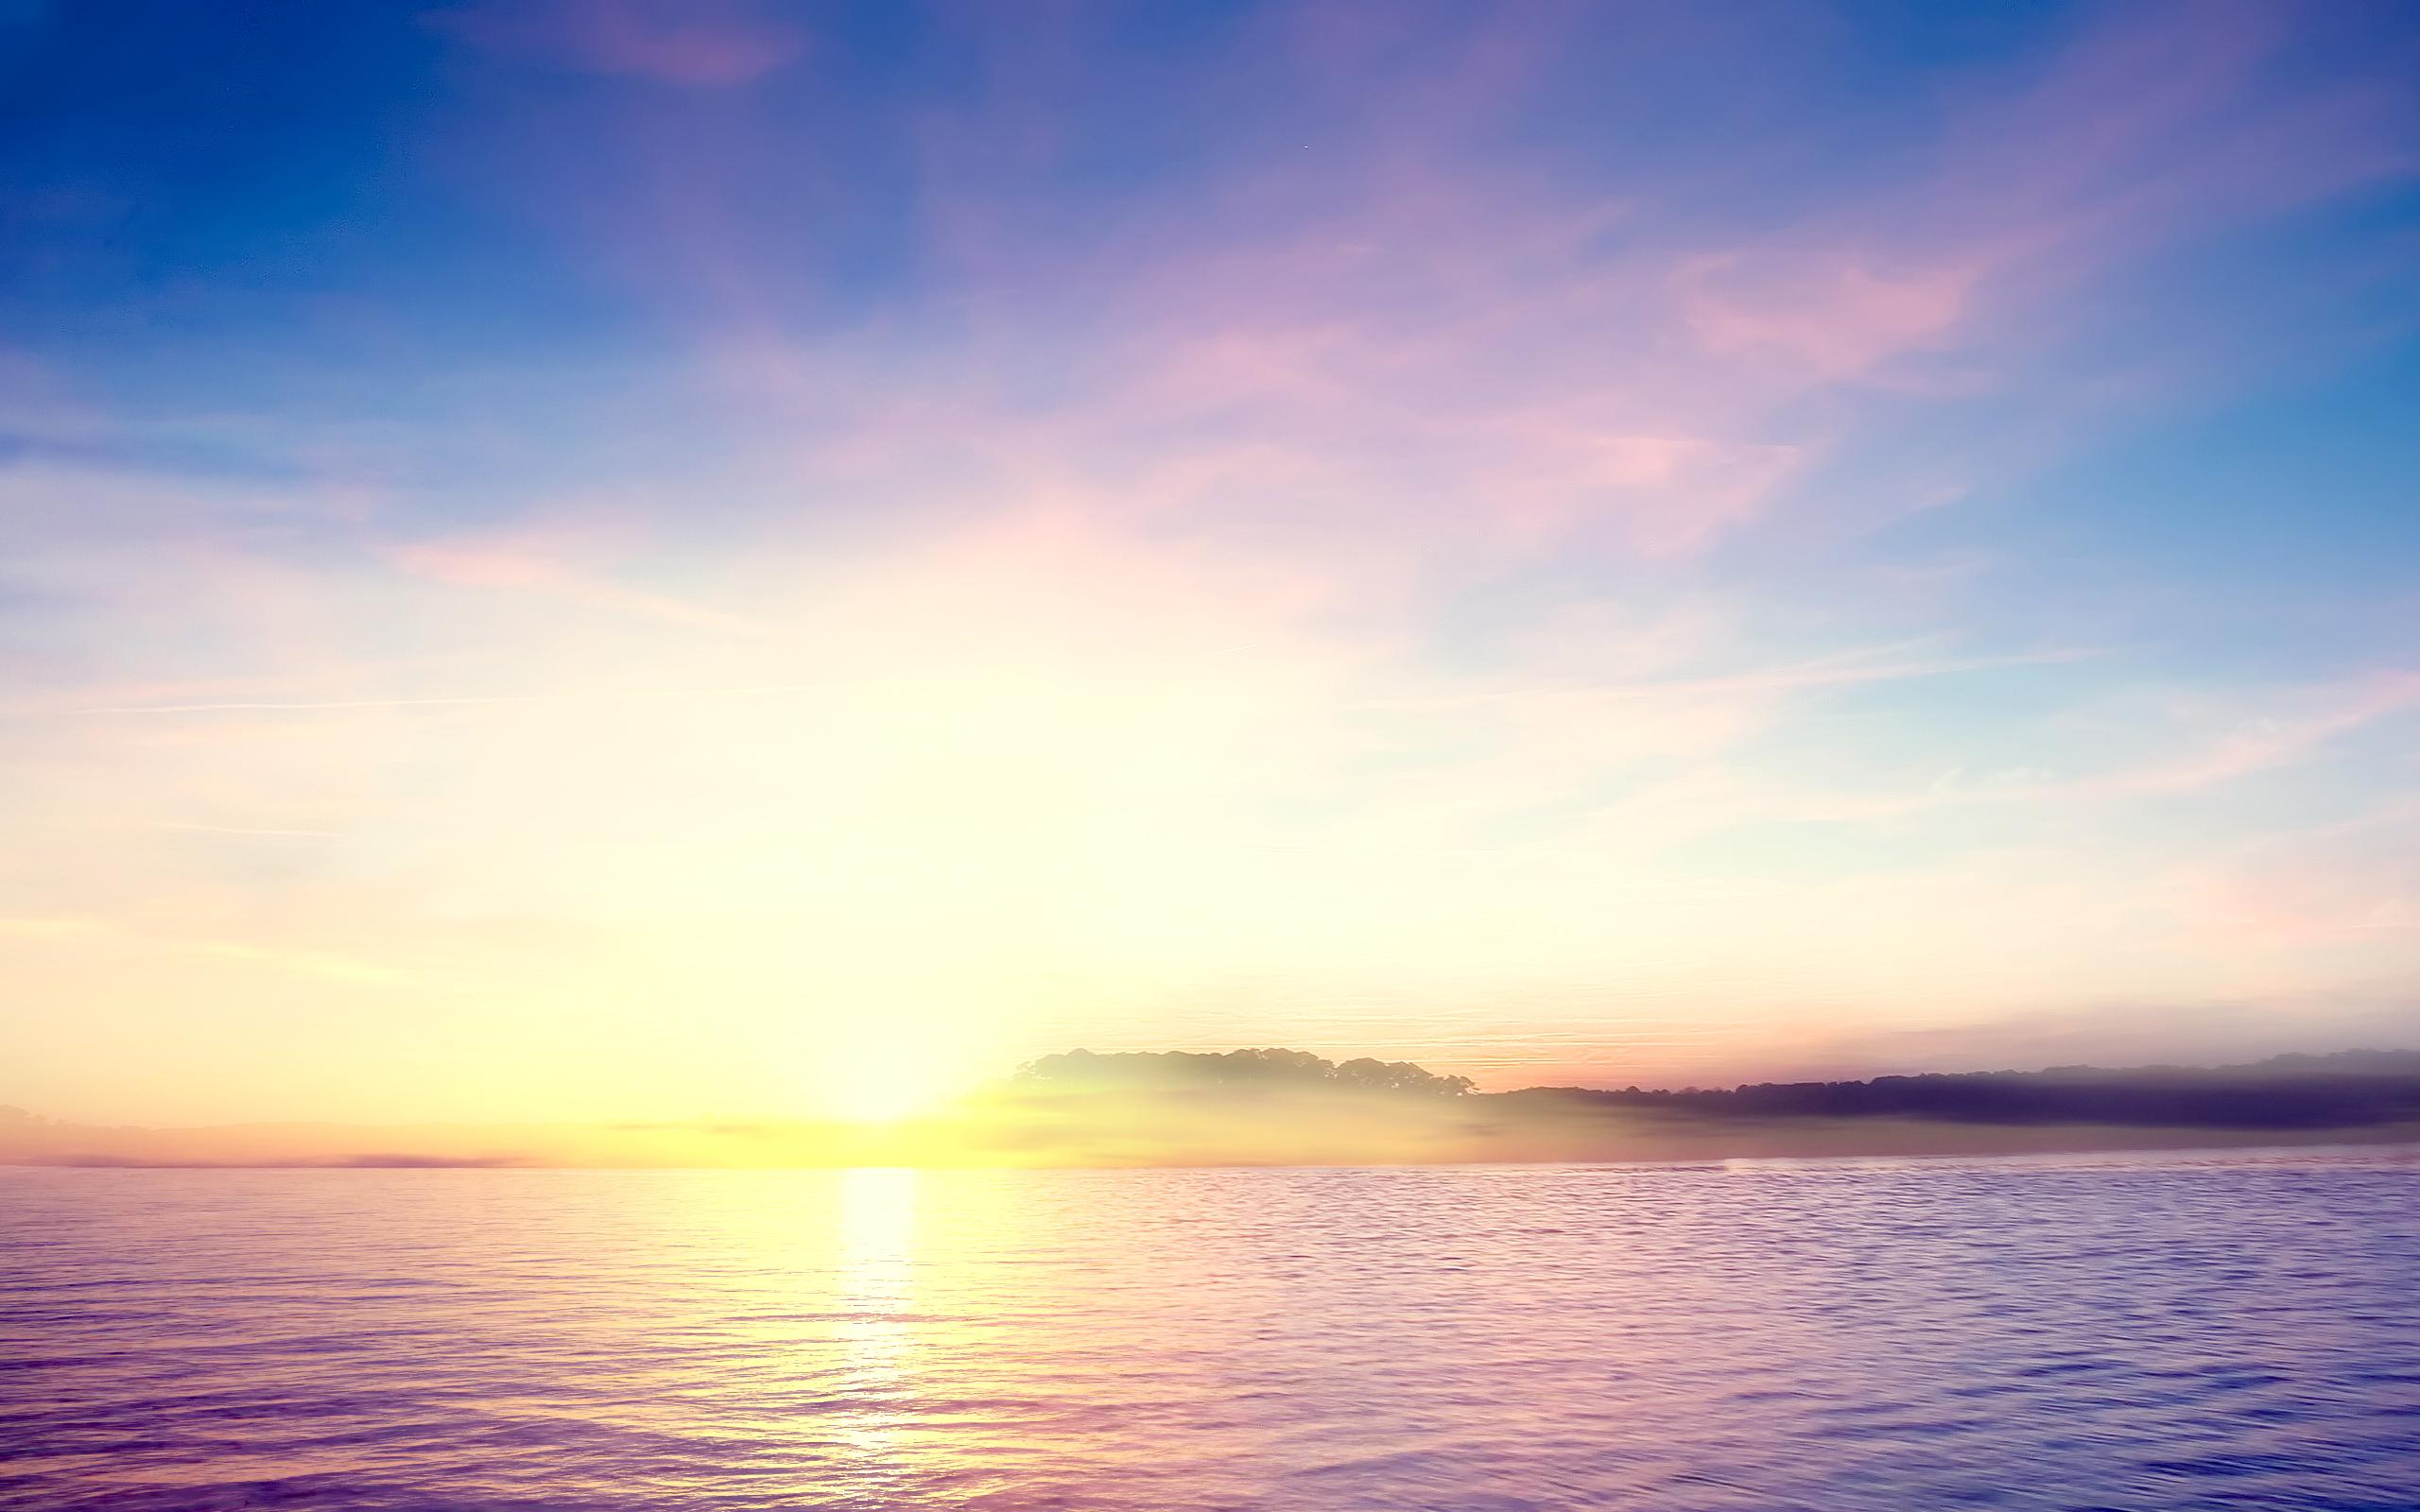 закат солнце озеро бесплатно